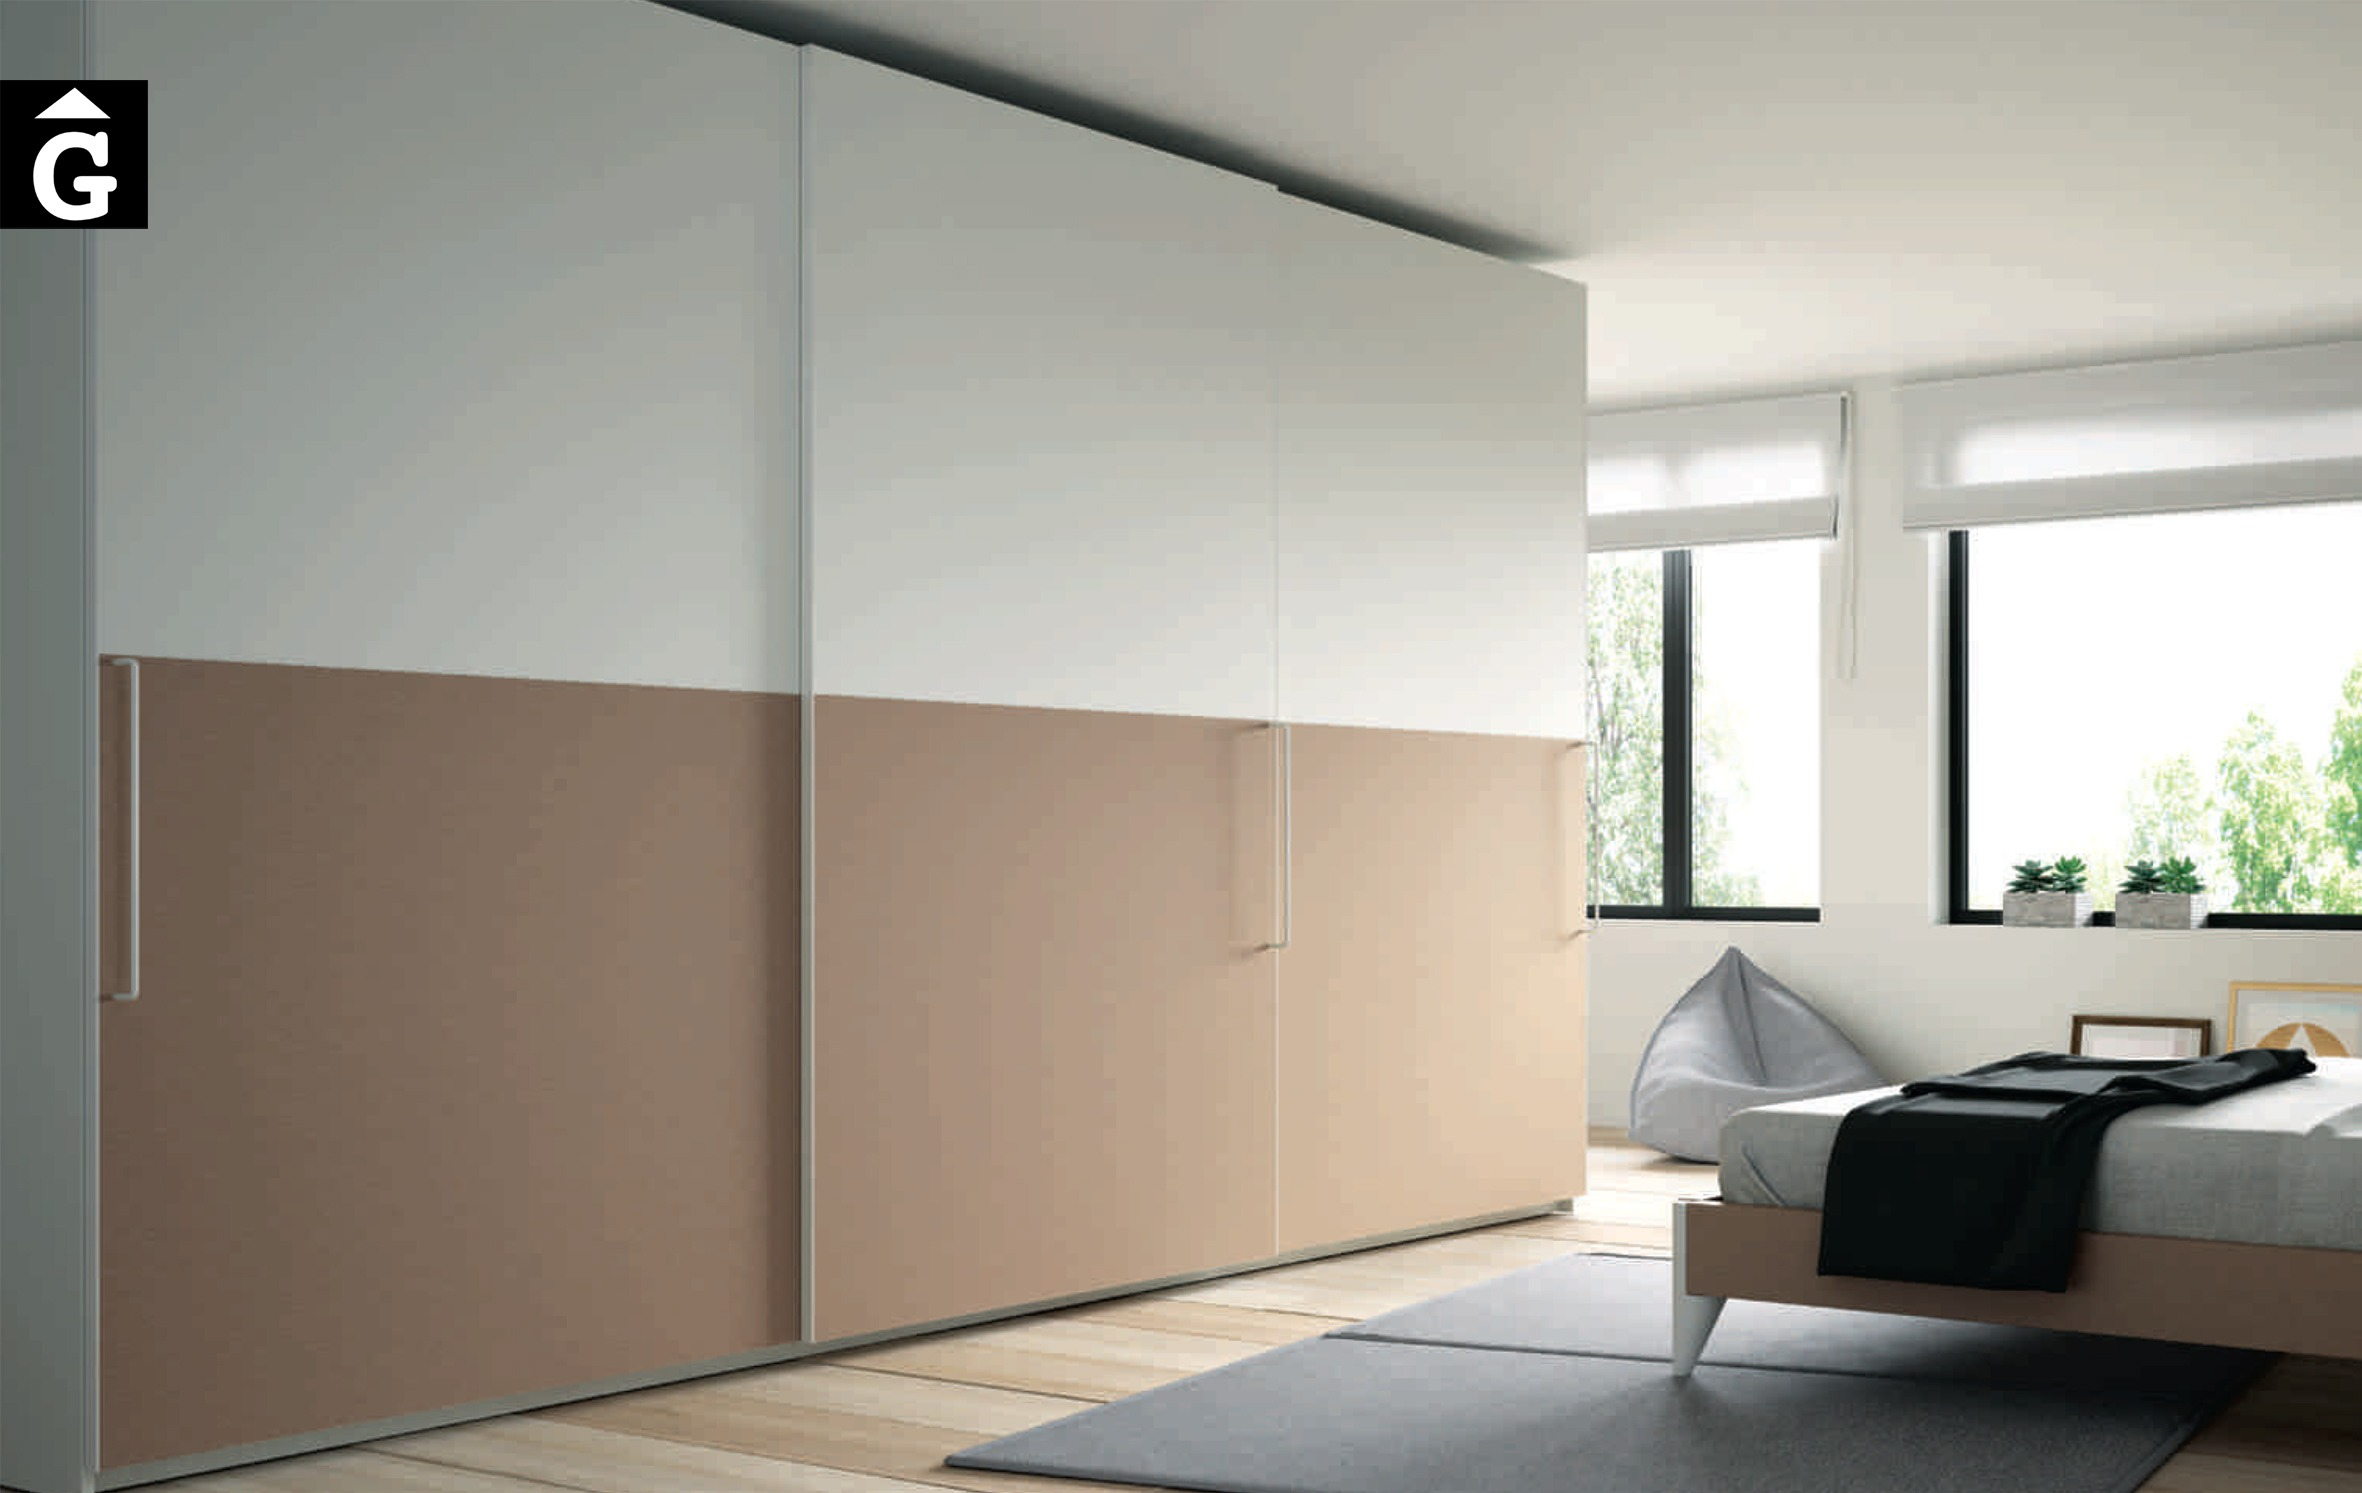 Lagrama armaris 9 3portes correderes Horizon by Mobles GIFREU Girona modern qualitat vanguardia minim elegant atemporal